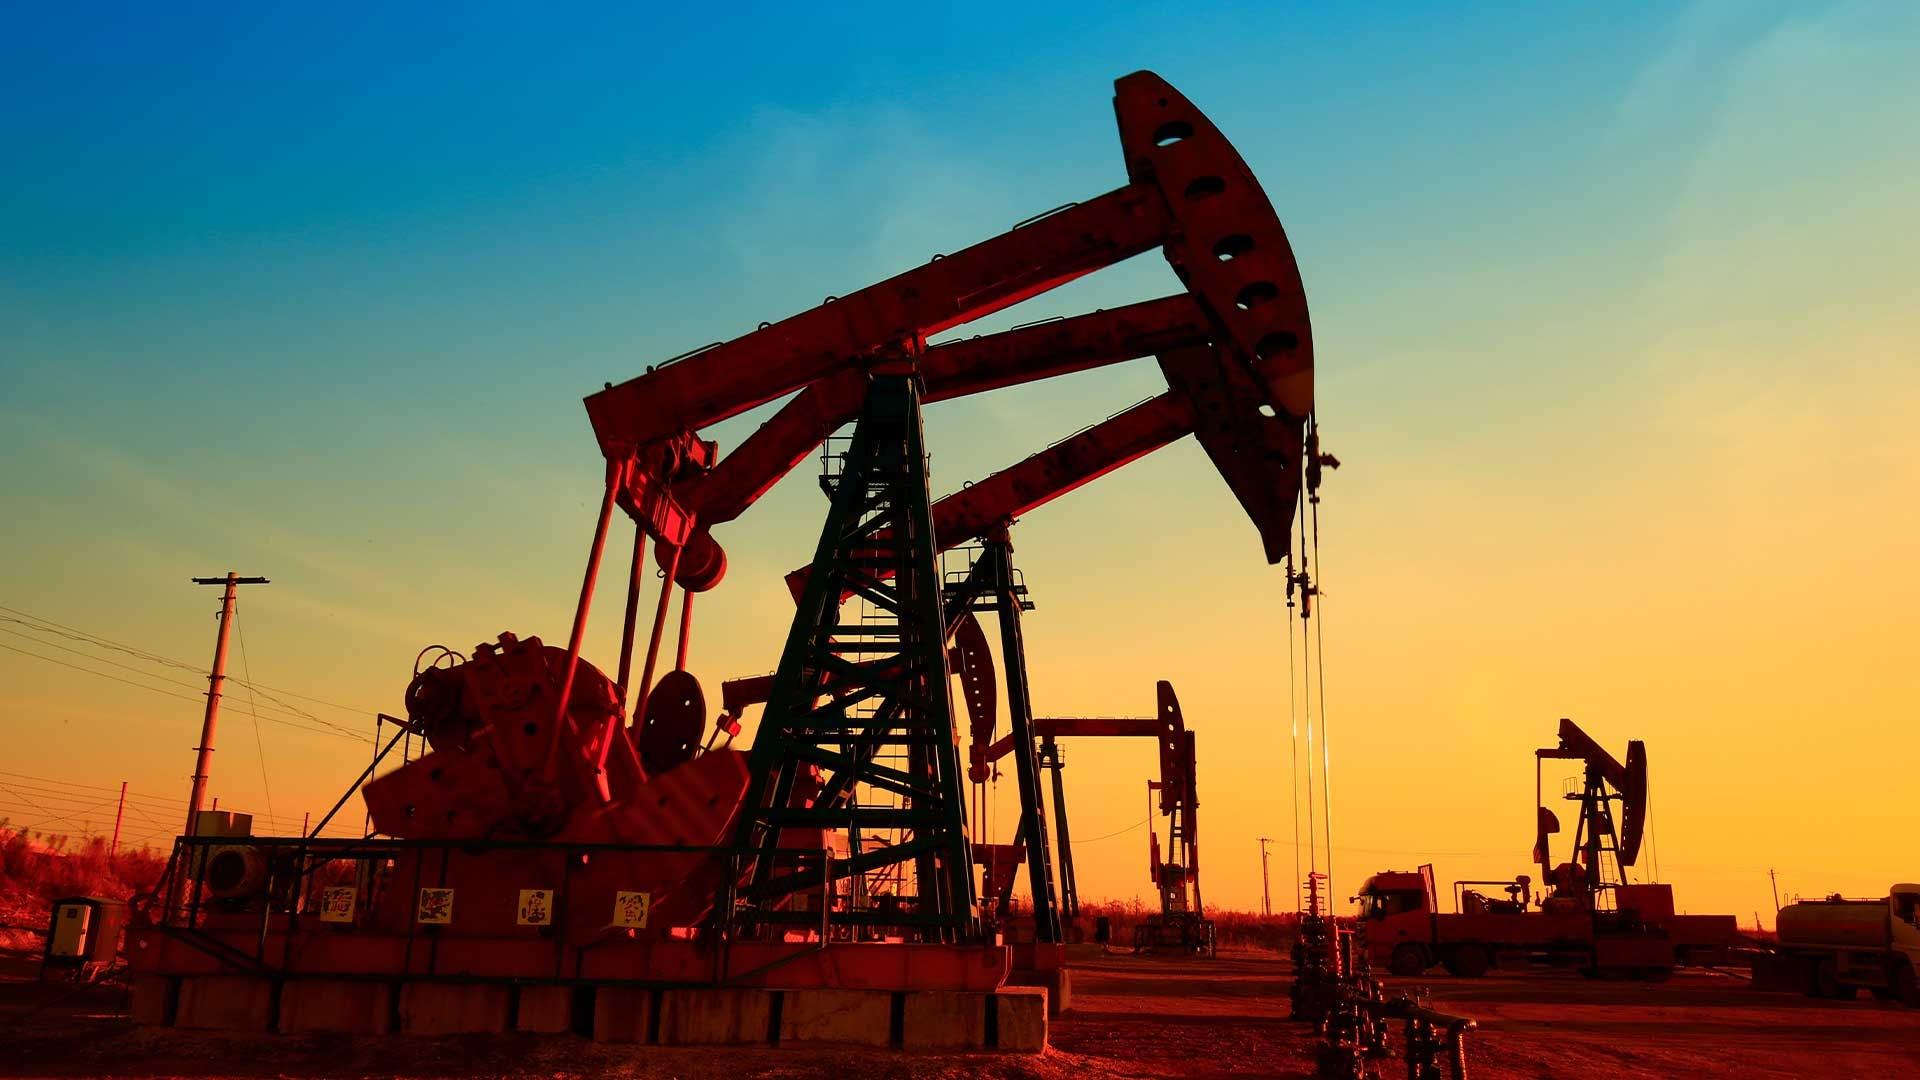 Giá xăng dầu hôm nay 8/6: giá dầu giảm trở lại gần 1% trong khi chờ đợi cuộc đàm phán hạt nhân - Ảnh 1.